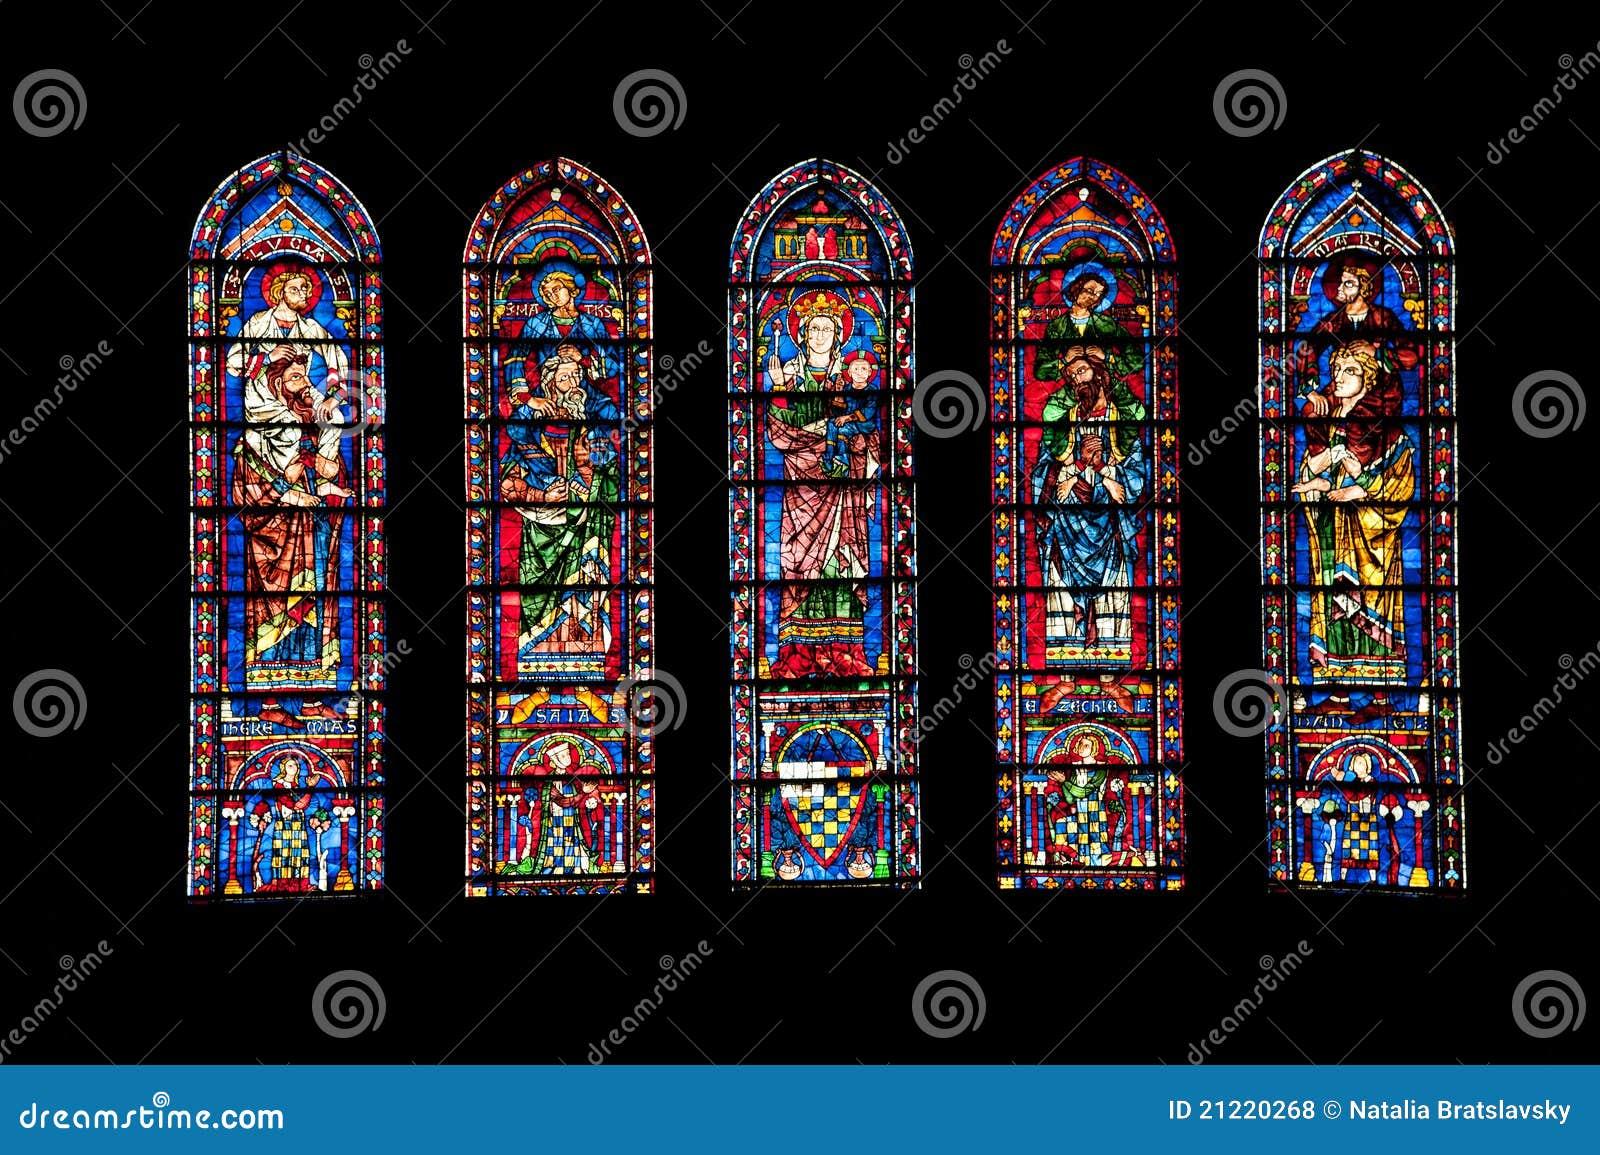 Vitrages de cathédrale de Chartres